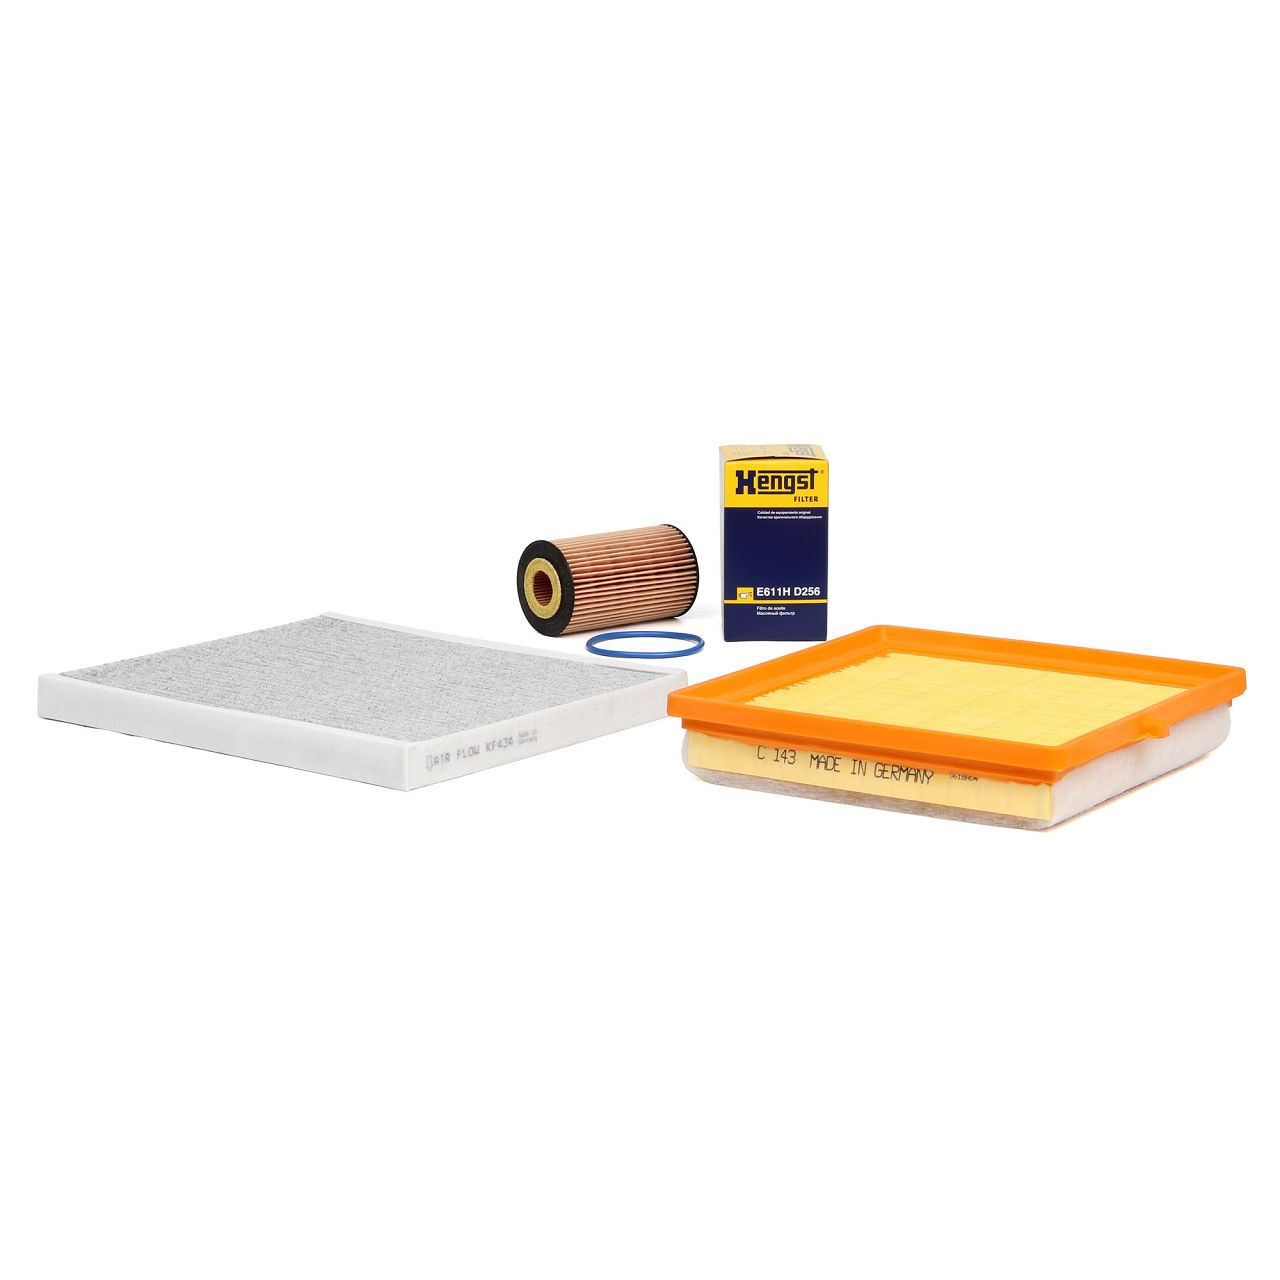 Inspektionskit Filterpaket Filterset OPEL Adam 1.2 1.4 / LPG 1.4S 69-150 PS